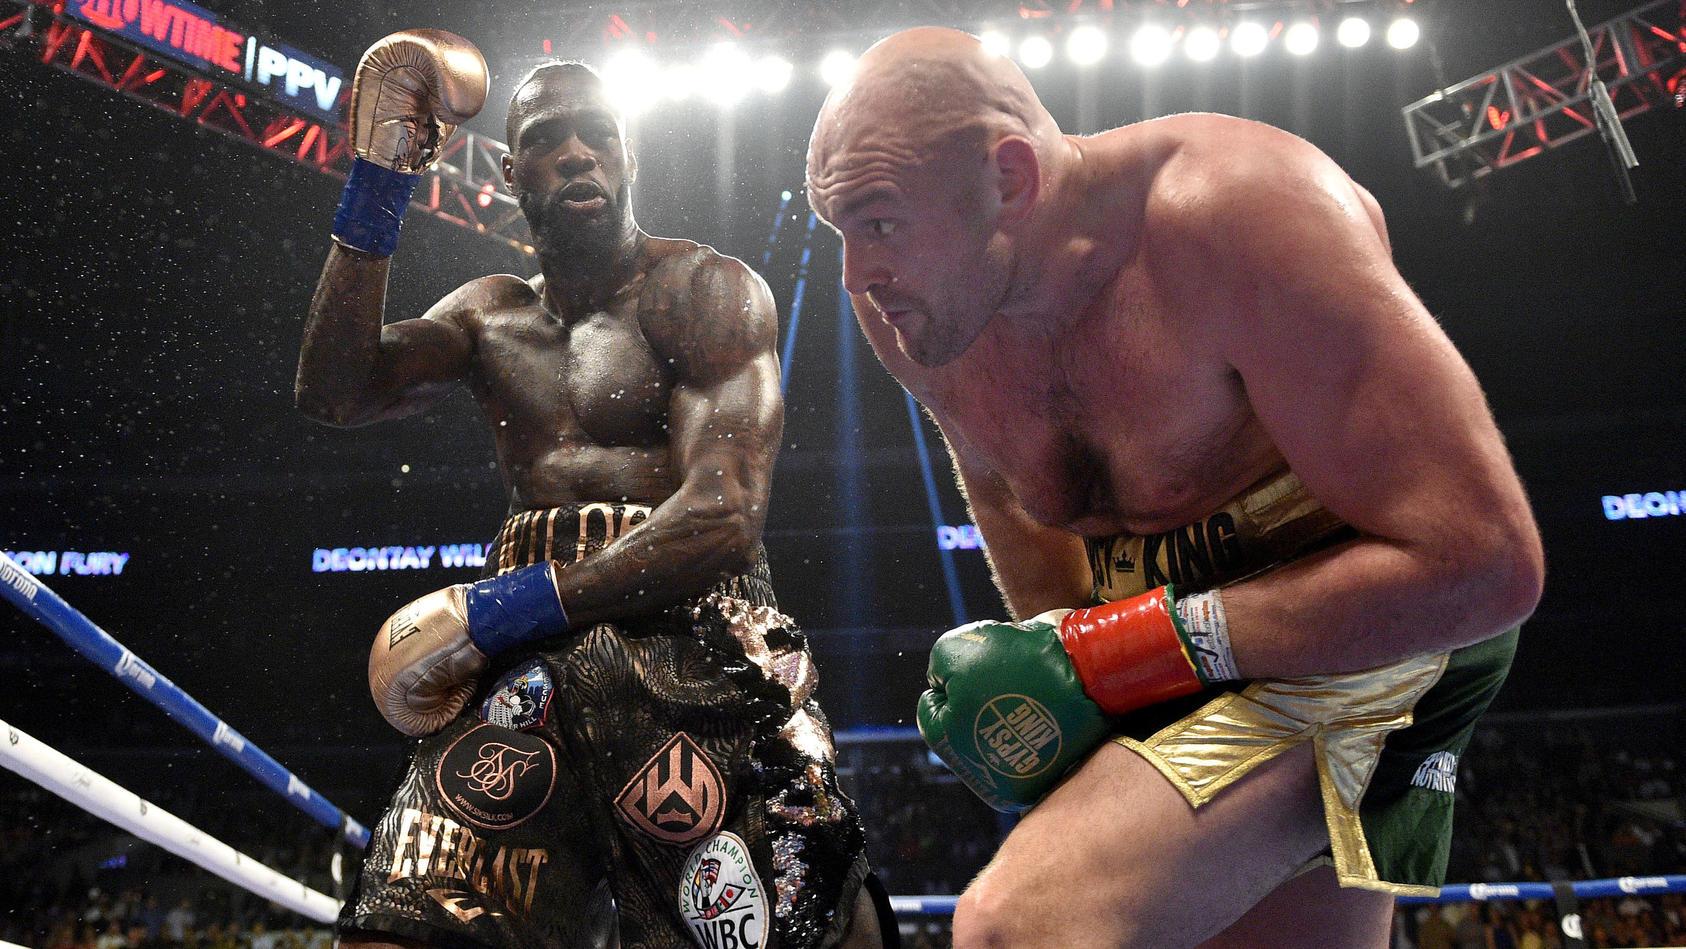 Wenn Deontay Wilder mit seinen Schlägen durchkam, klingelte es bei Tyson Fury